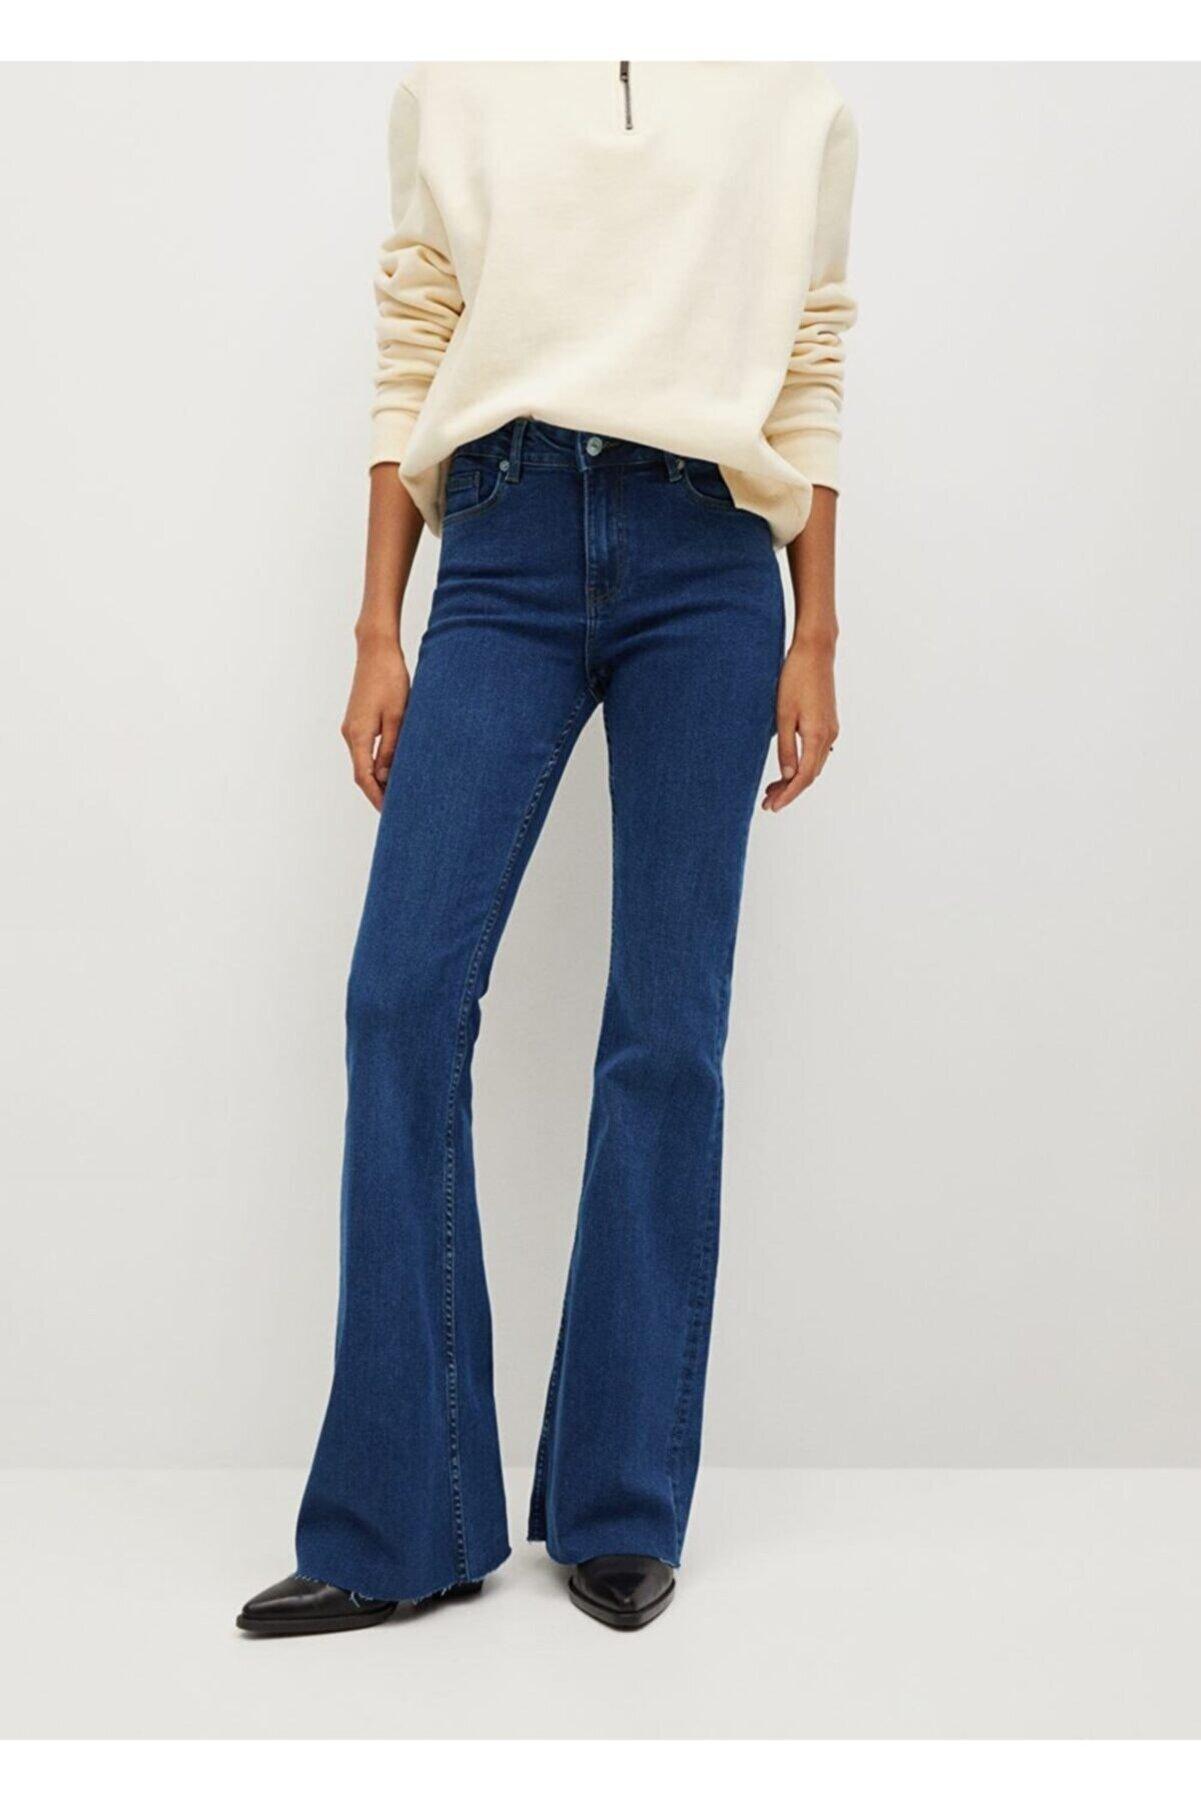 Mango Kadın Koyu Mavi Bel Yüksekliği Orta Boy Flare Jeans